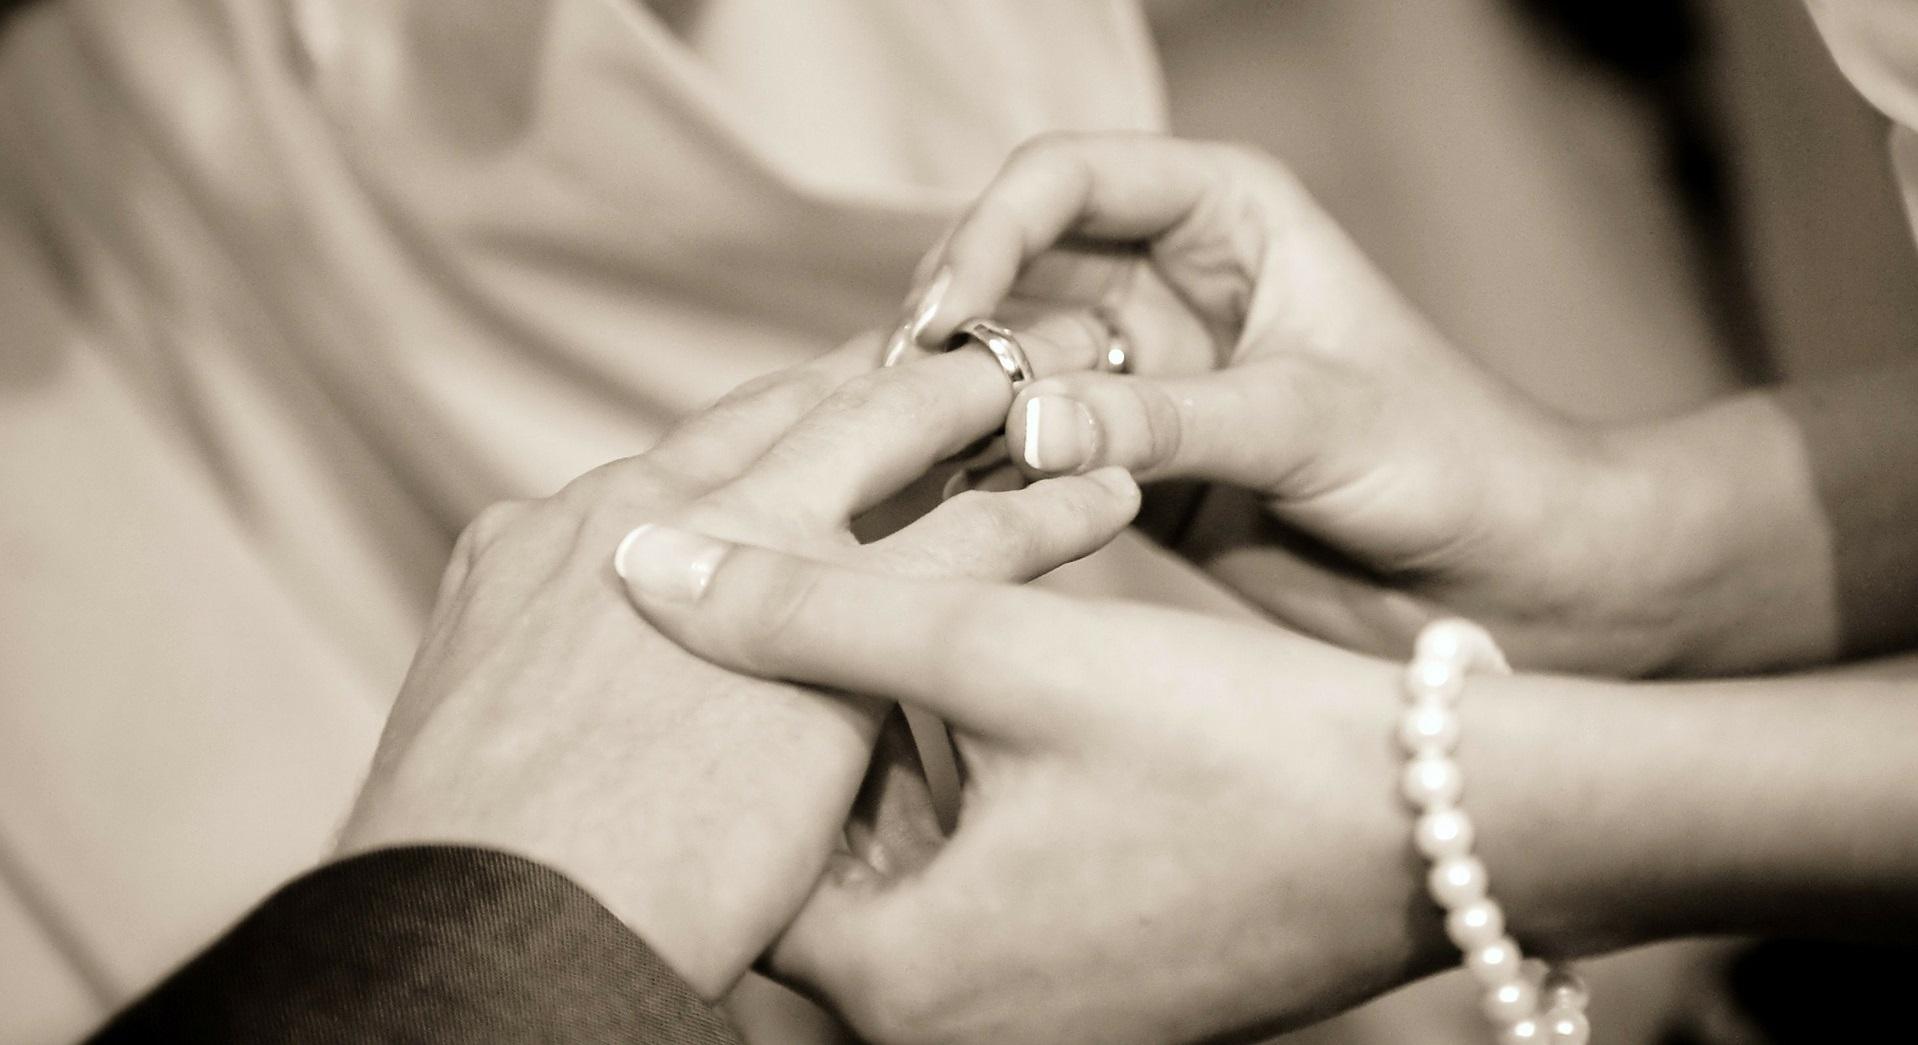 Co jest Ci potrzebne żebywziąć ślub?